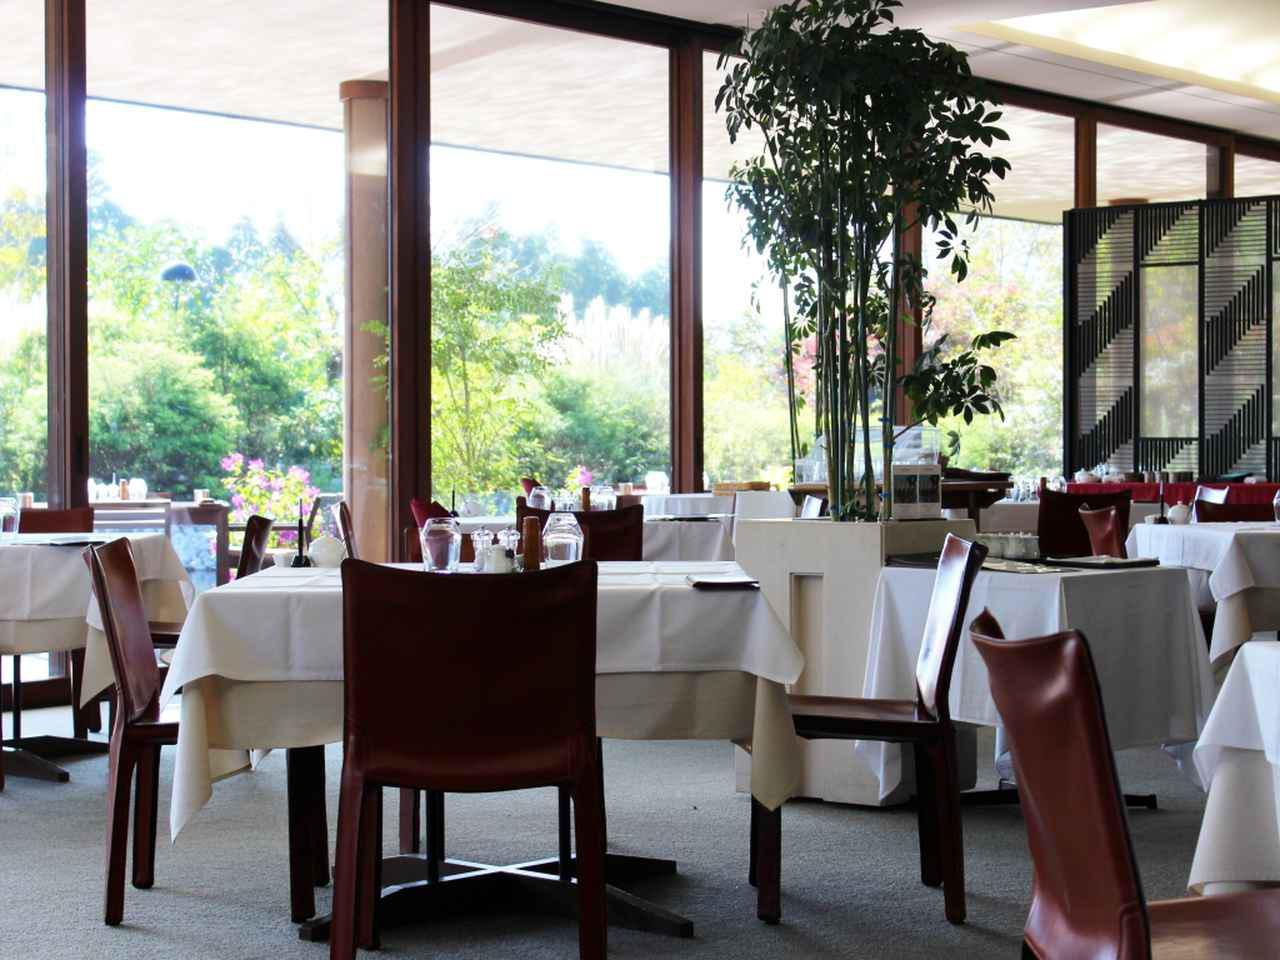 画像1: レストランでは本格料理でおもてなし。 ワイン好きは、ぜひソムリエのおすすめを堪能してみては